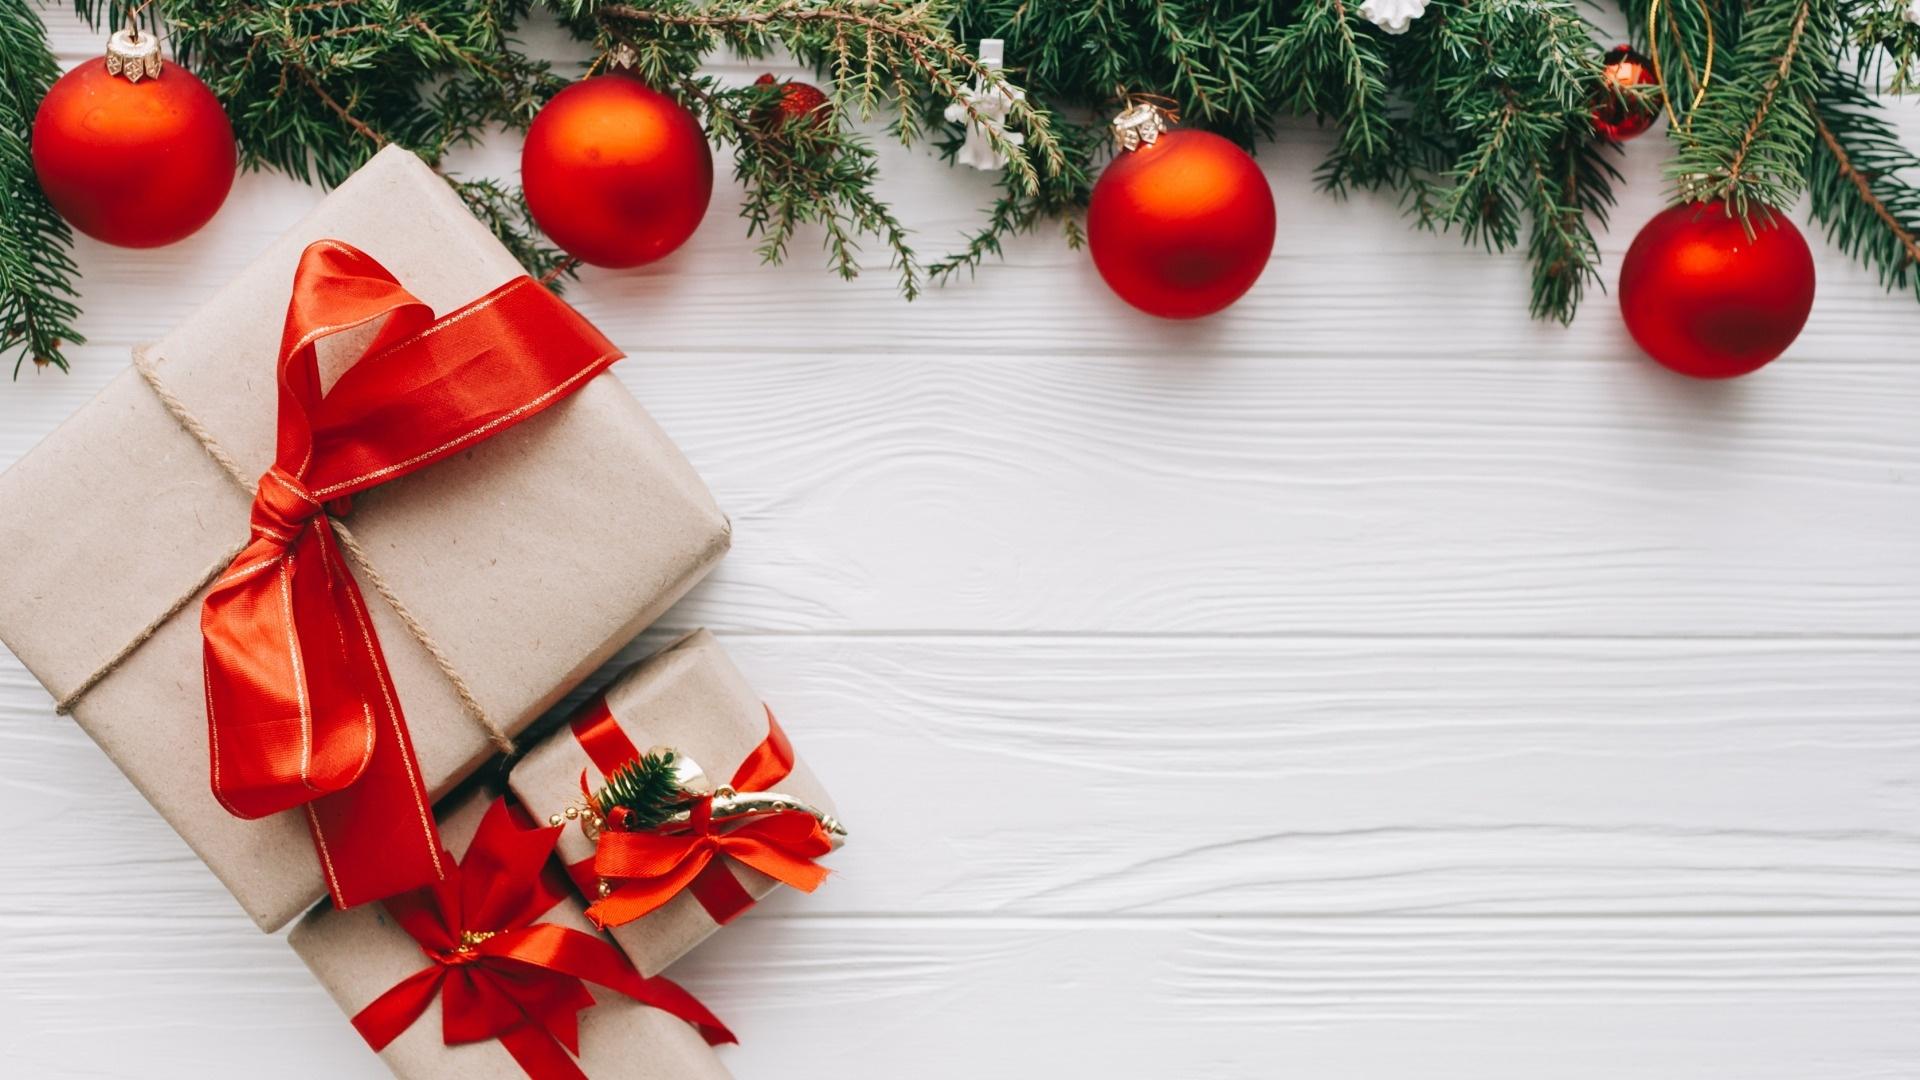 Christmas White Wallpaper